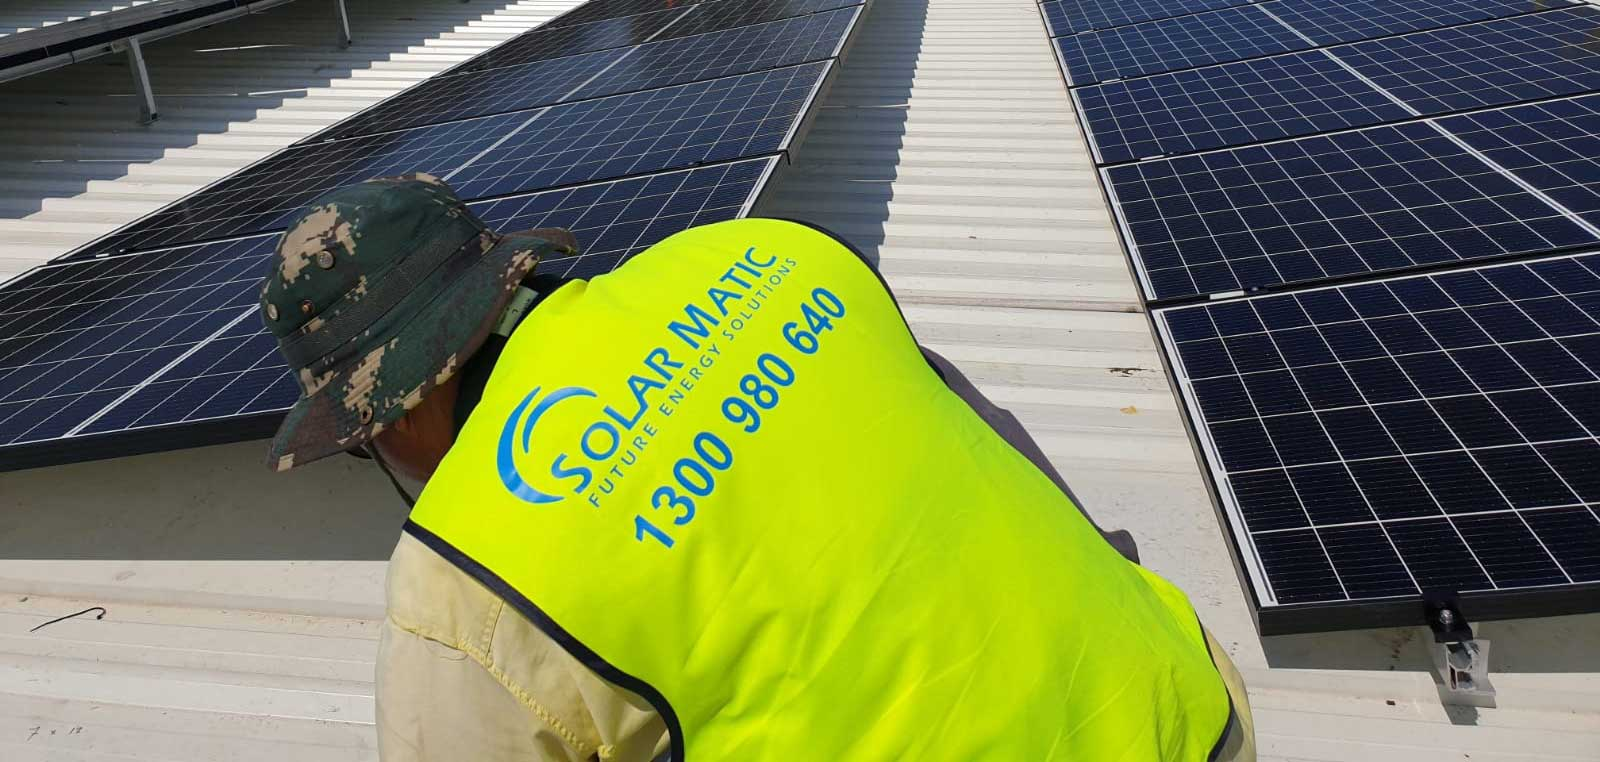 Solar company in Sydney